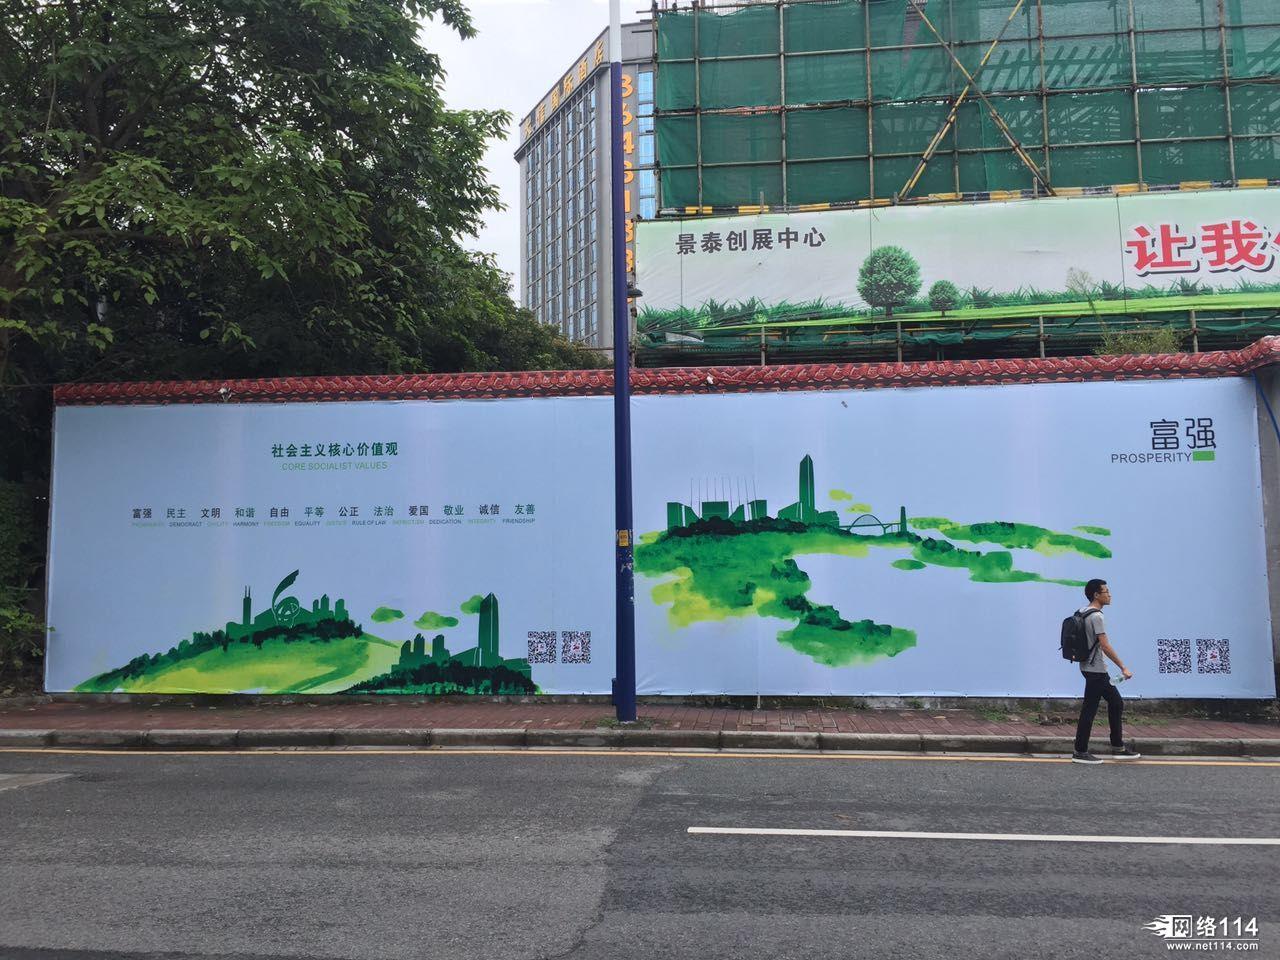 广州围墙广告公益广告发布图片